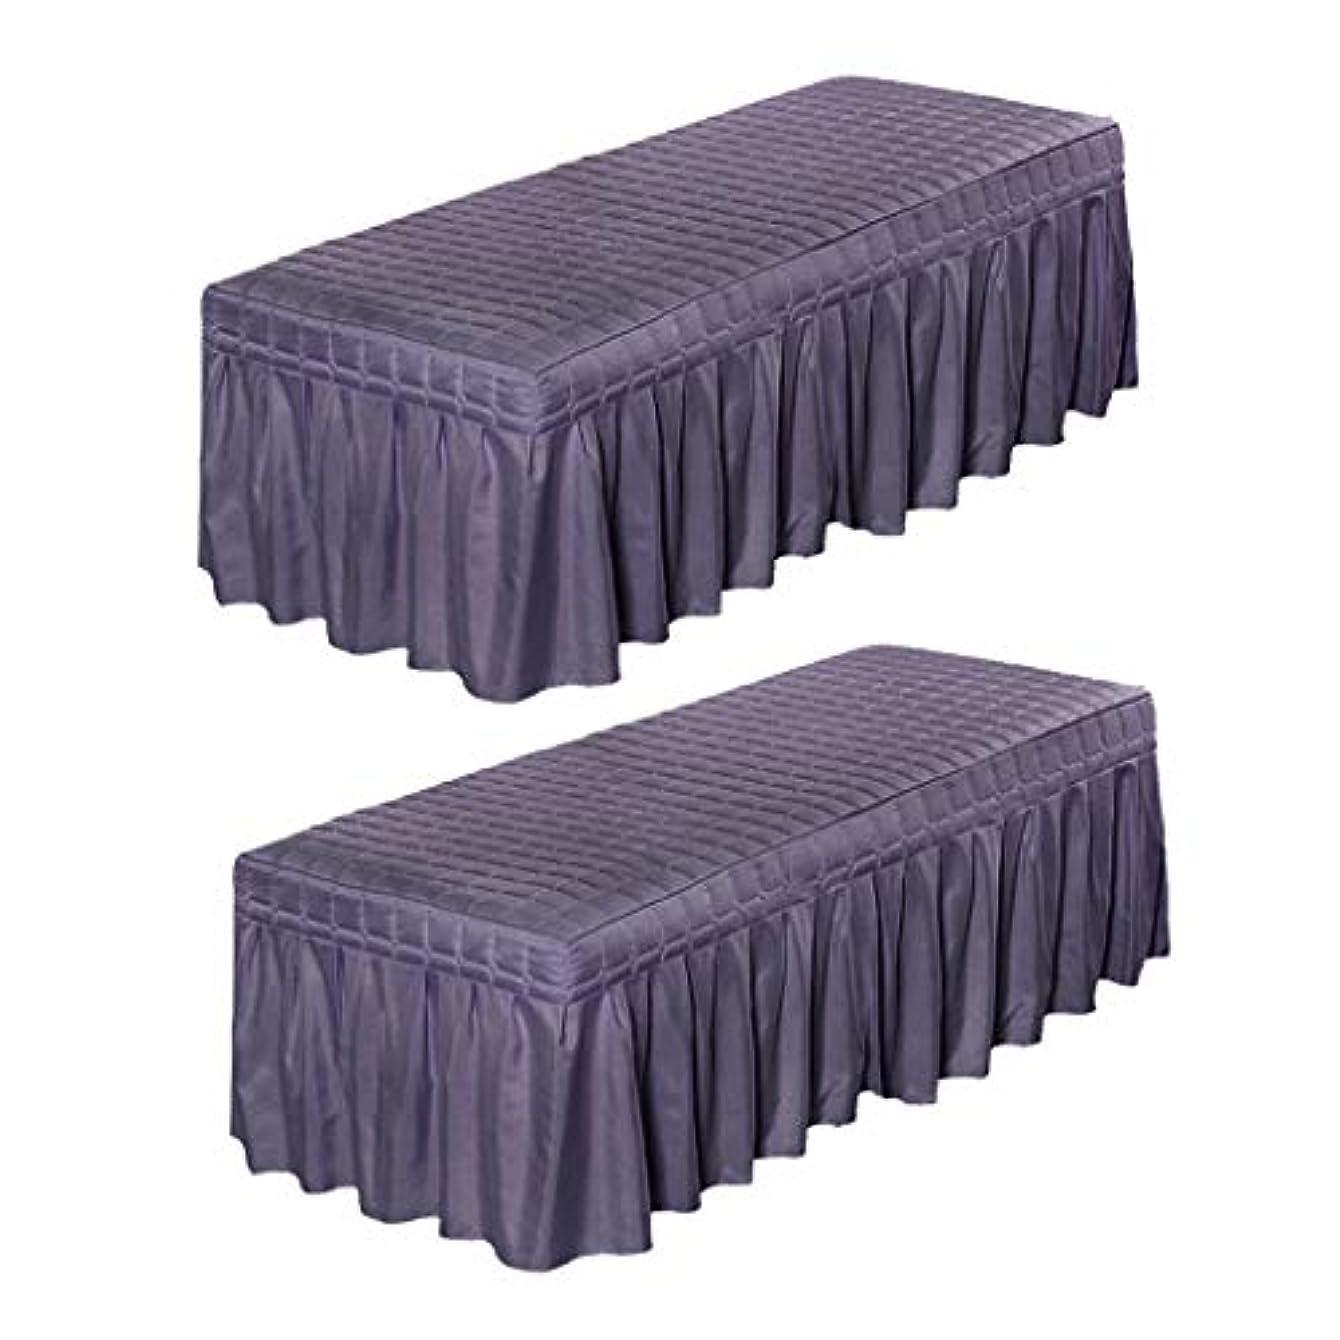 構造シャトル磁器FutuHome 穴紫180x60cmの2ピース/個マッサージ化粧品表のバランスシートカバー